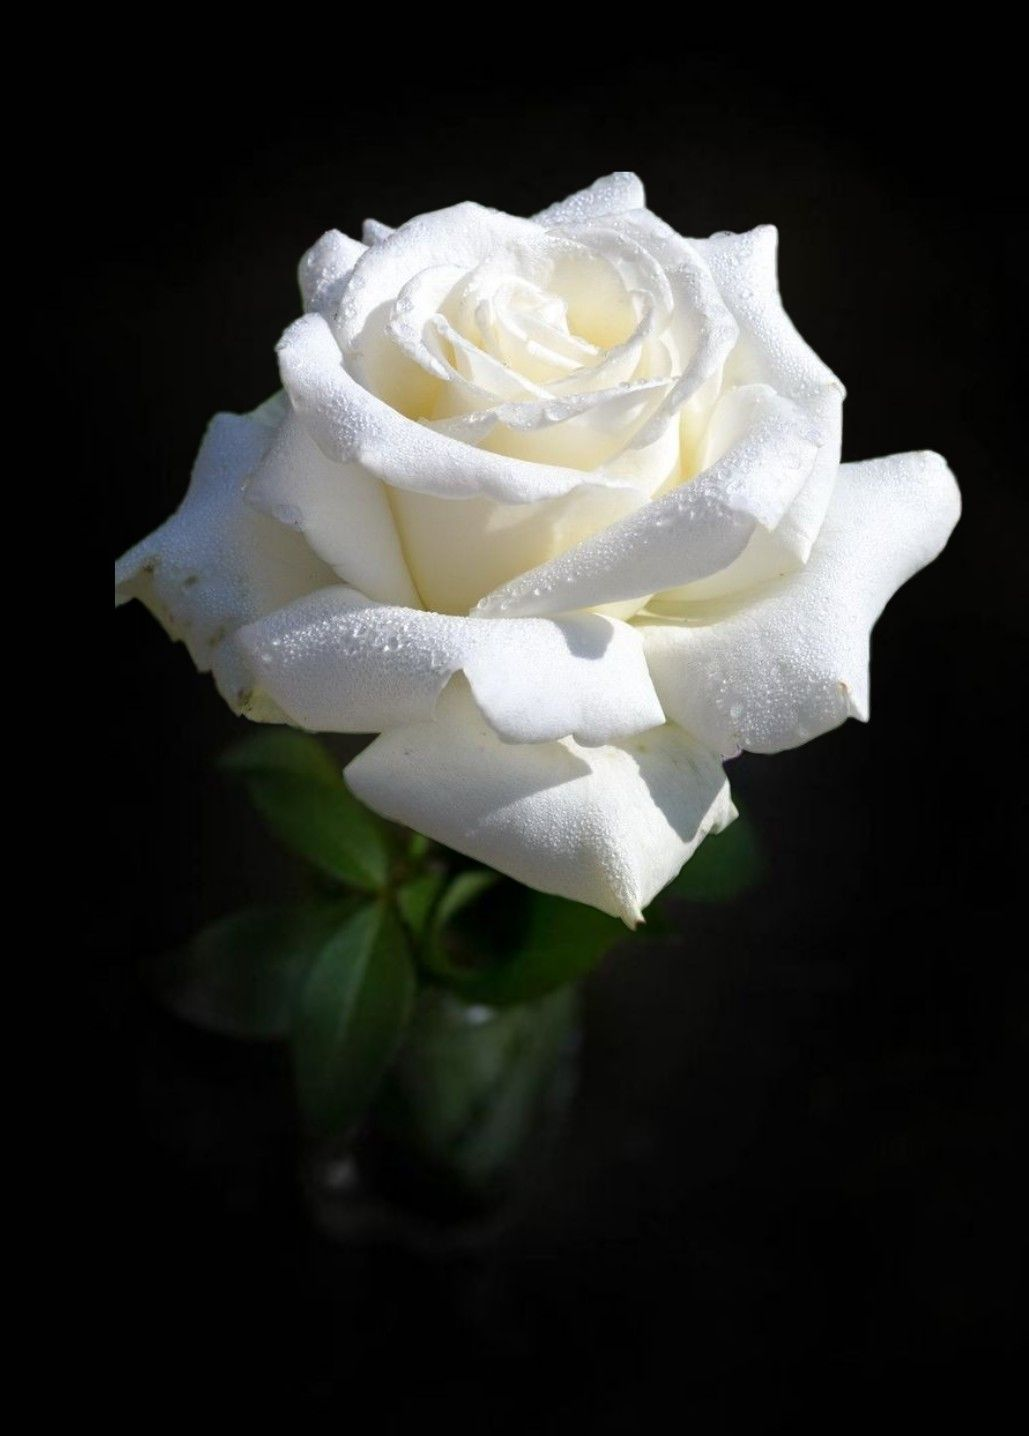 White Rose Guller Siyah Beyaz Fotografcilik